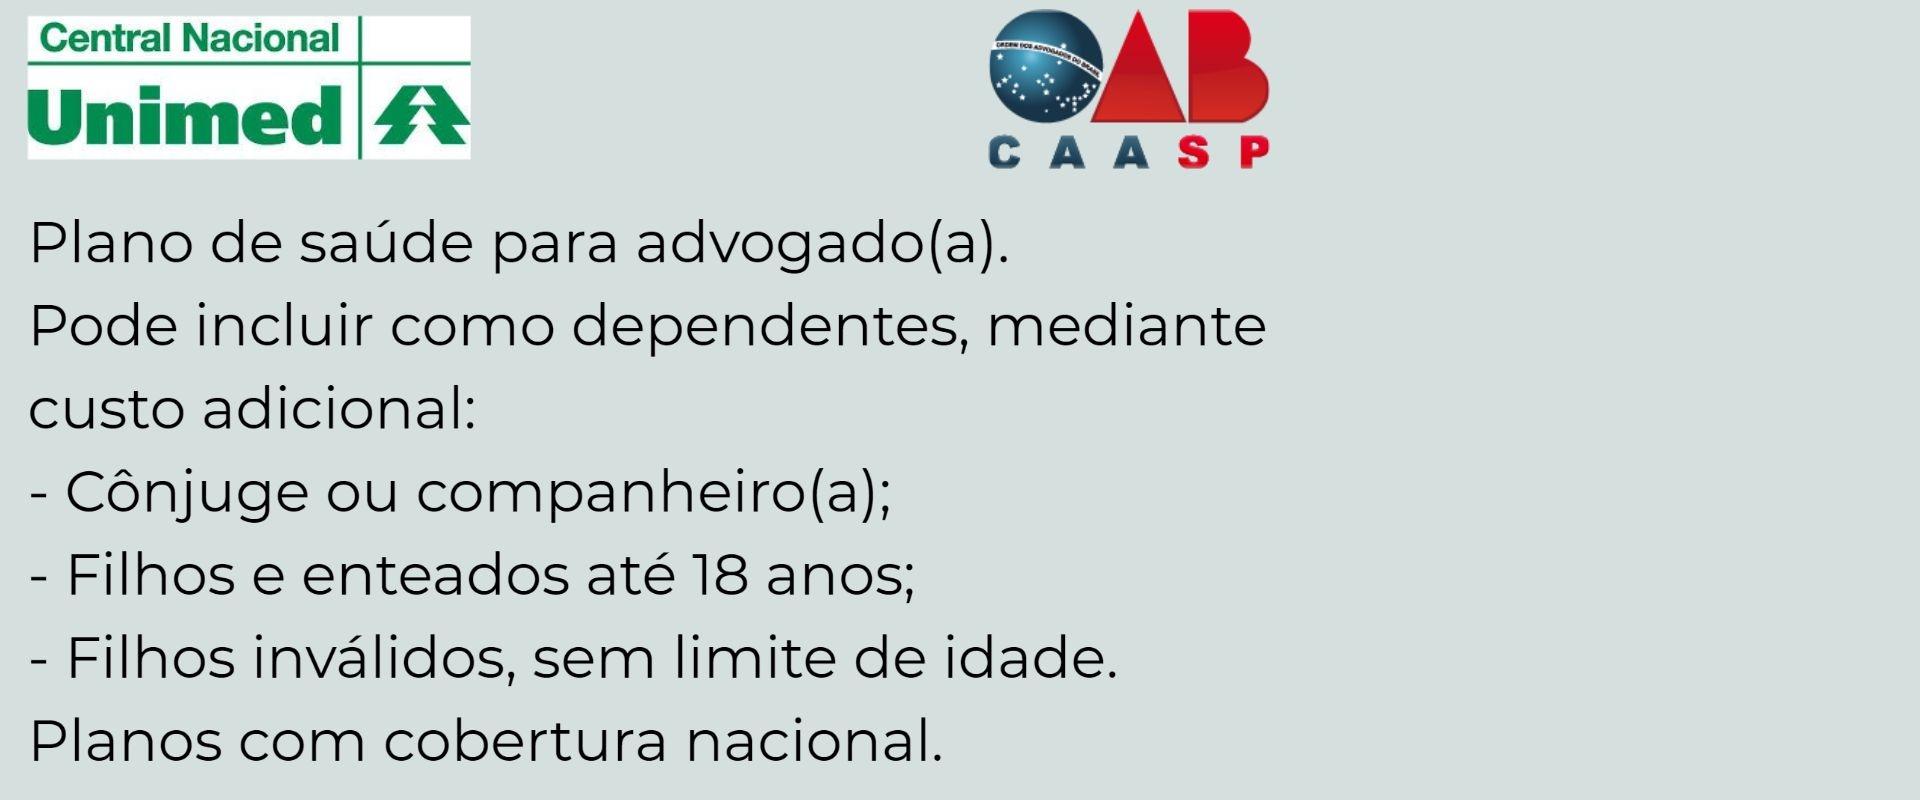 Unimed CAASP Mococa